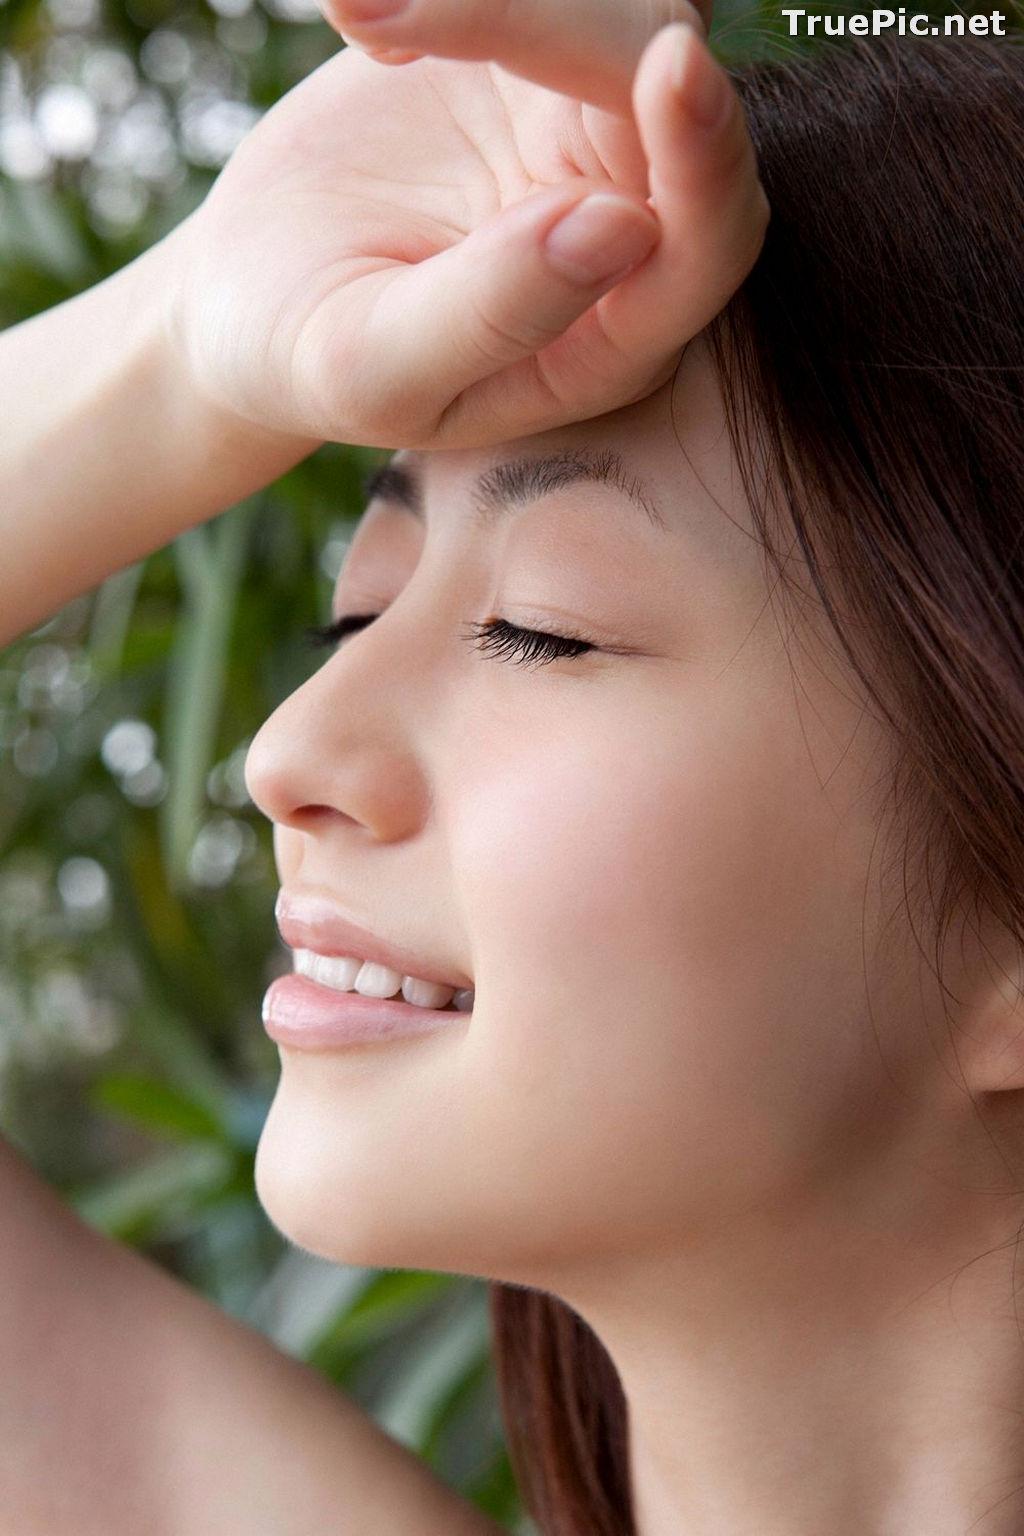 Image YS Web Vol.497 - Japanese Actress and Gravure Idol - Rina Aizawa - TruePic.net - Picture-6